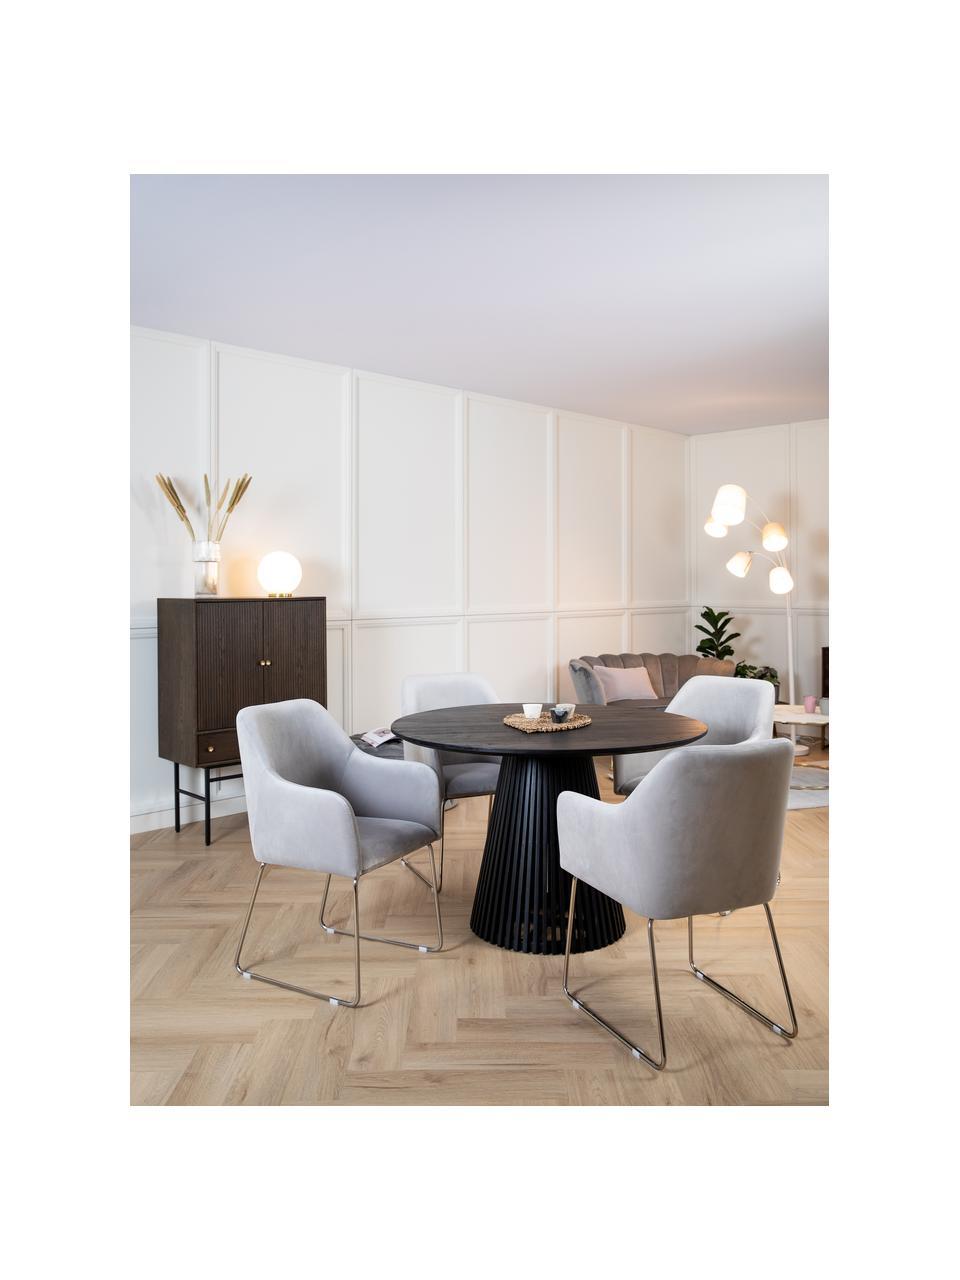 Fluwelen armstoel Isla in lichtgrijs, Bekleding: polyester, Poten: gecoat metaal, Fluweel lichtgrijs, poten zilverkleurig, B 58 x D 62 cm